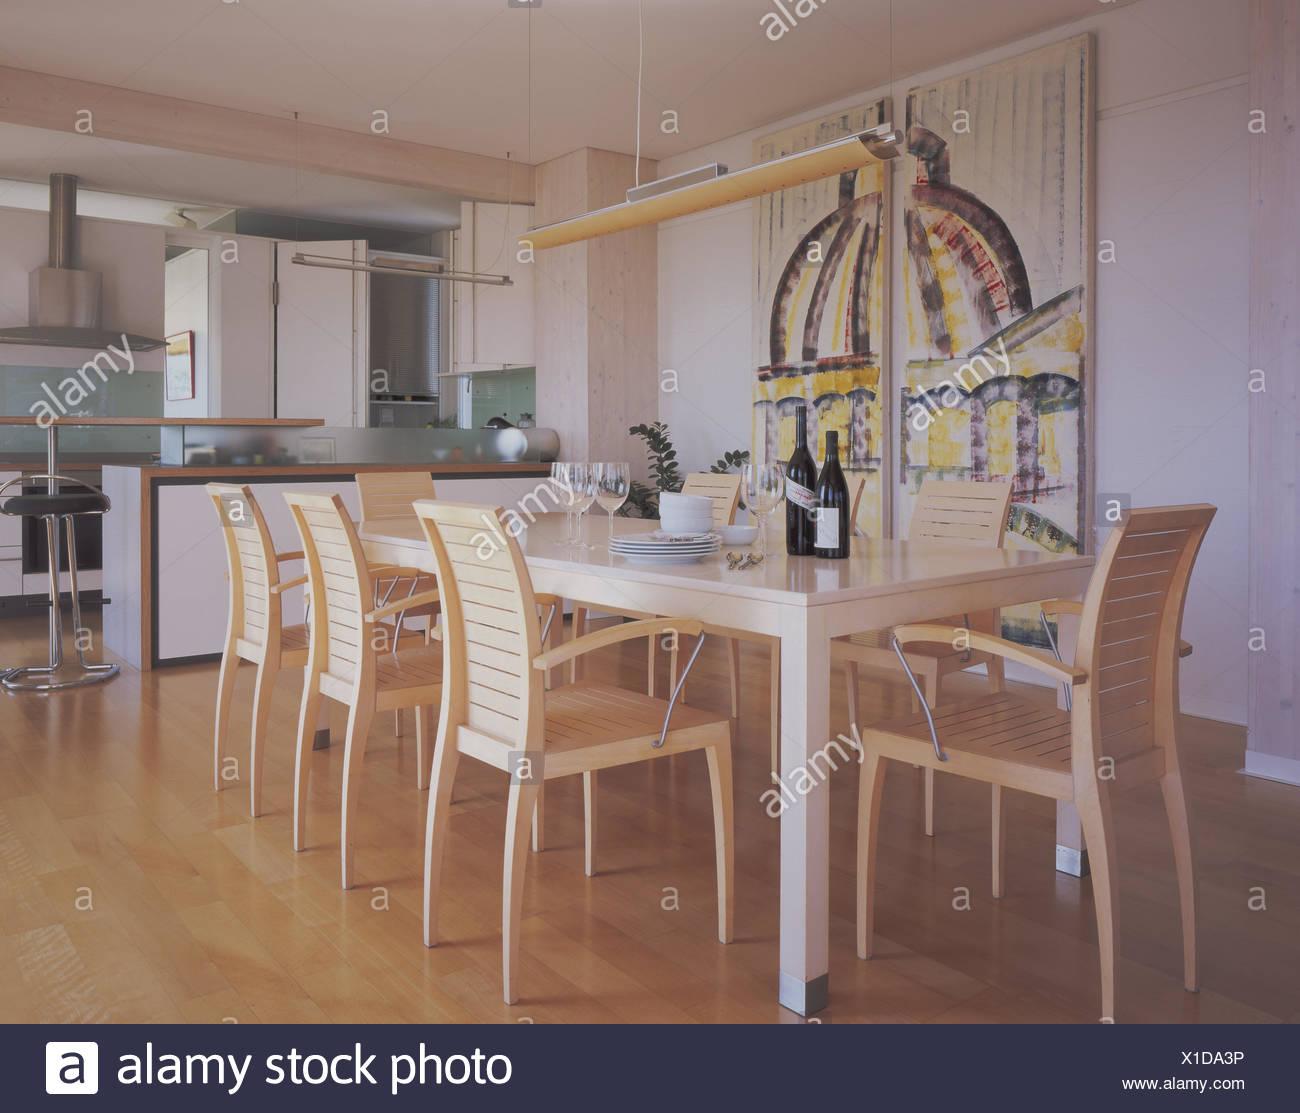 Comedores, mesa, sillas, generosamente, zona de comedor, ambiente ...